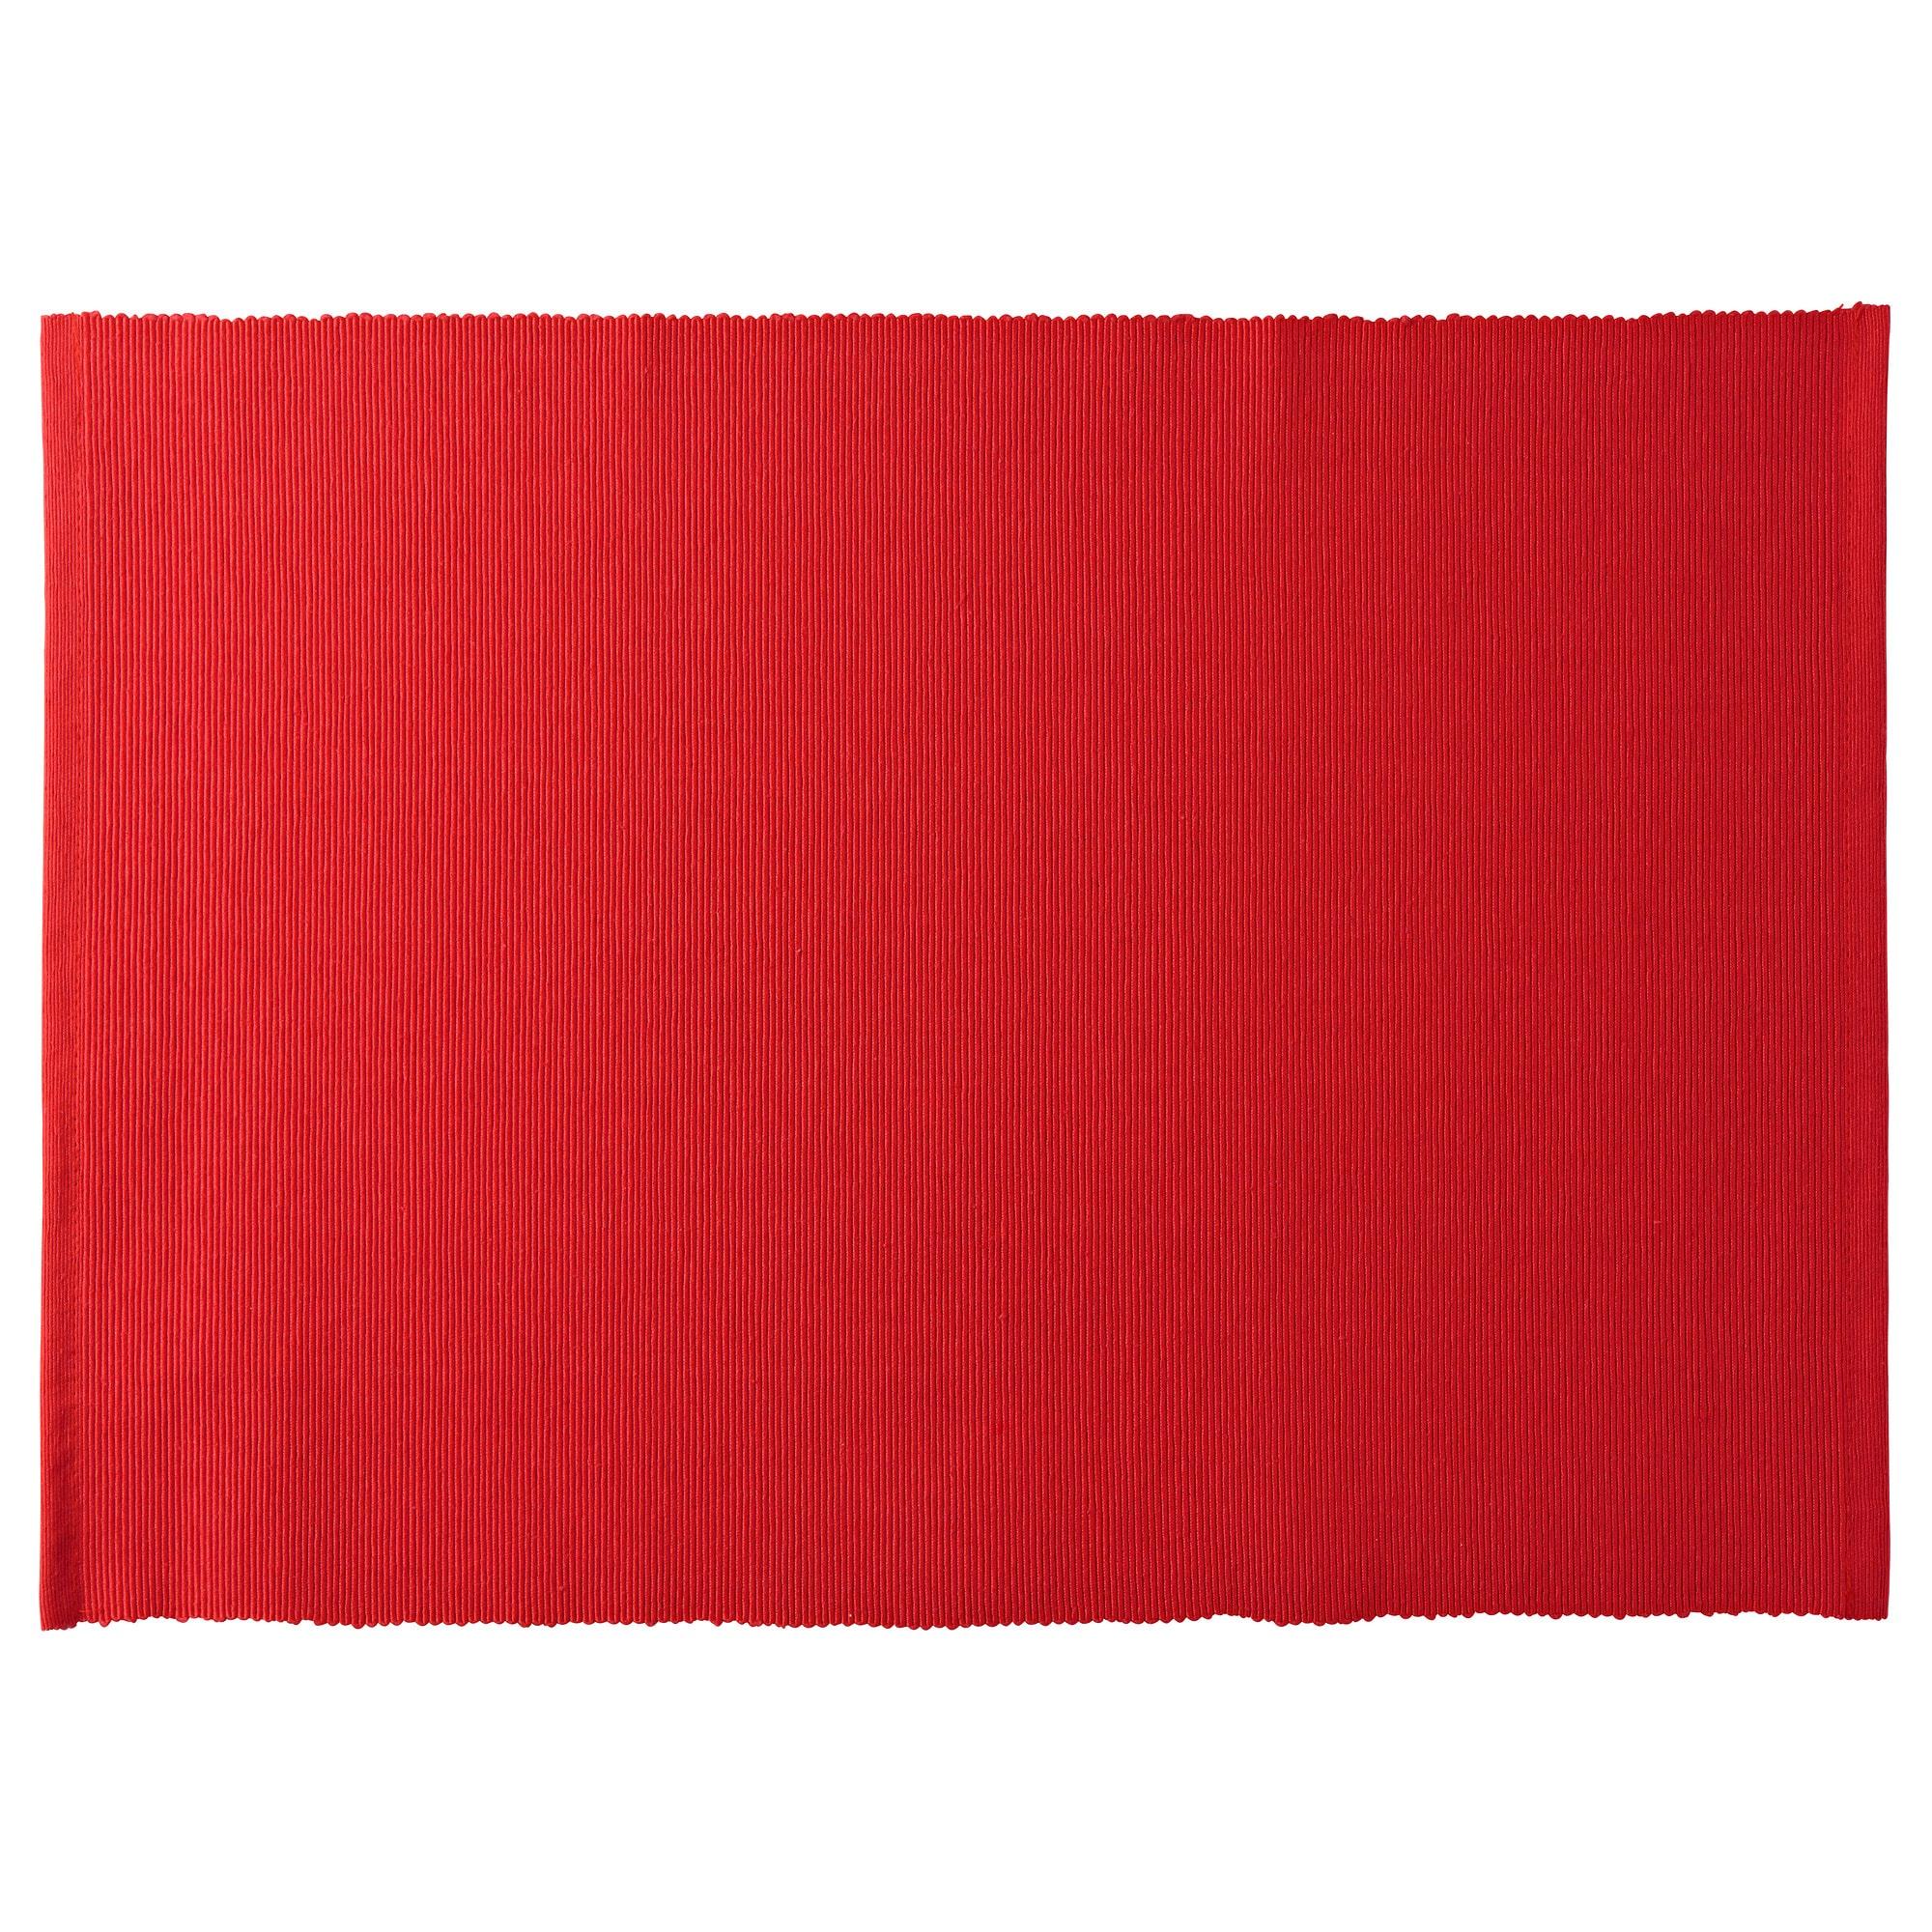 Салфетка под приборы МЭРИТ красный артикуль № 704.030.79 в наличии. Online сайт IKEA Беларусь. Недорогая доставка и установка.